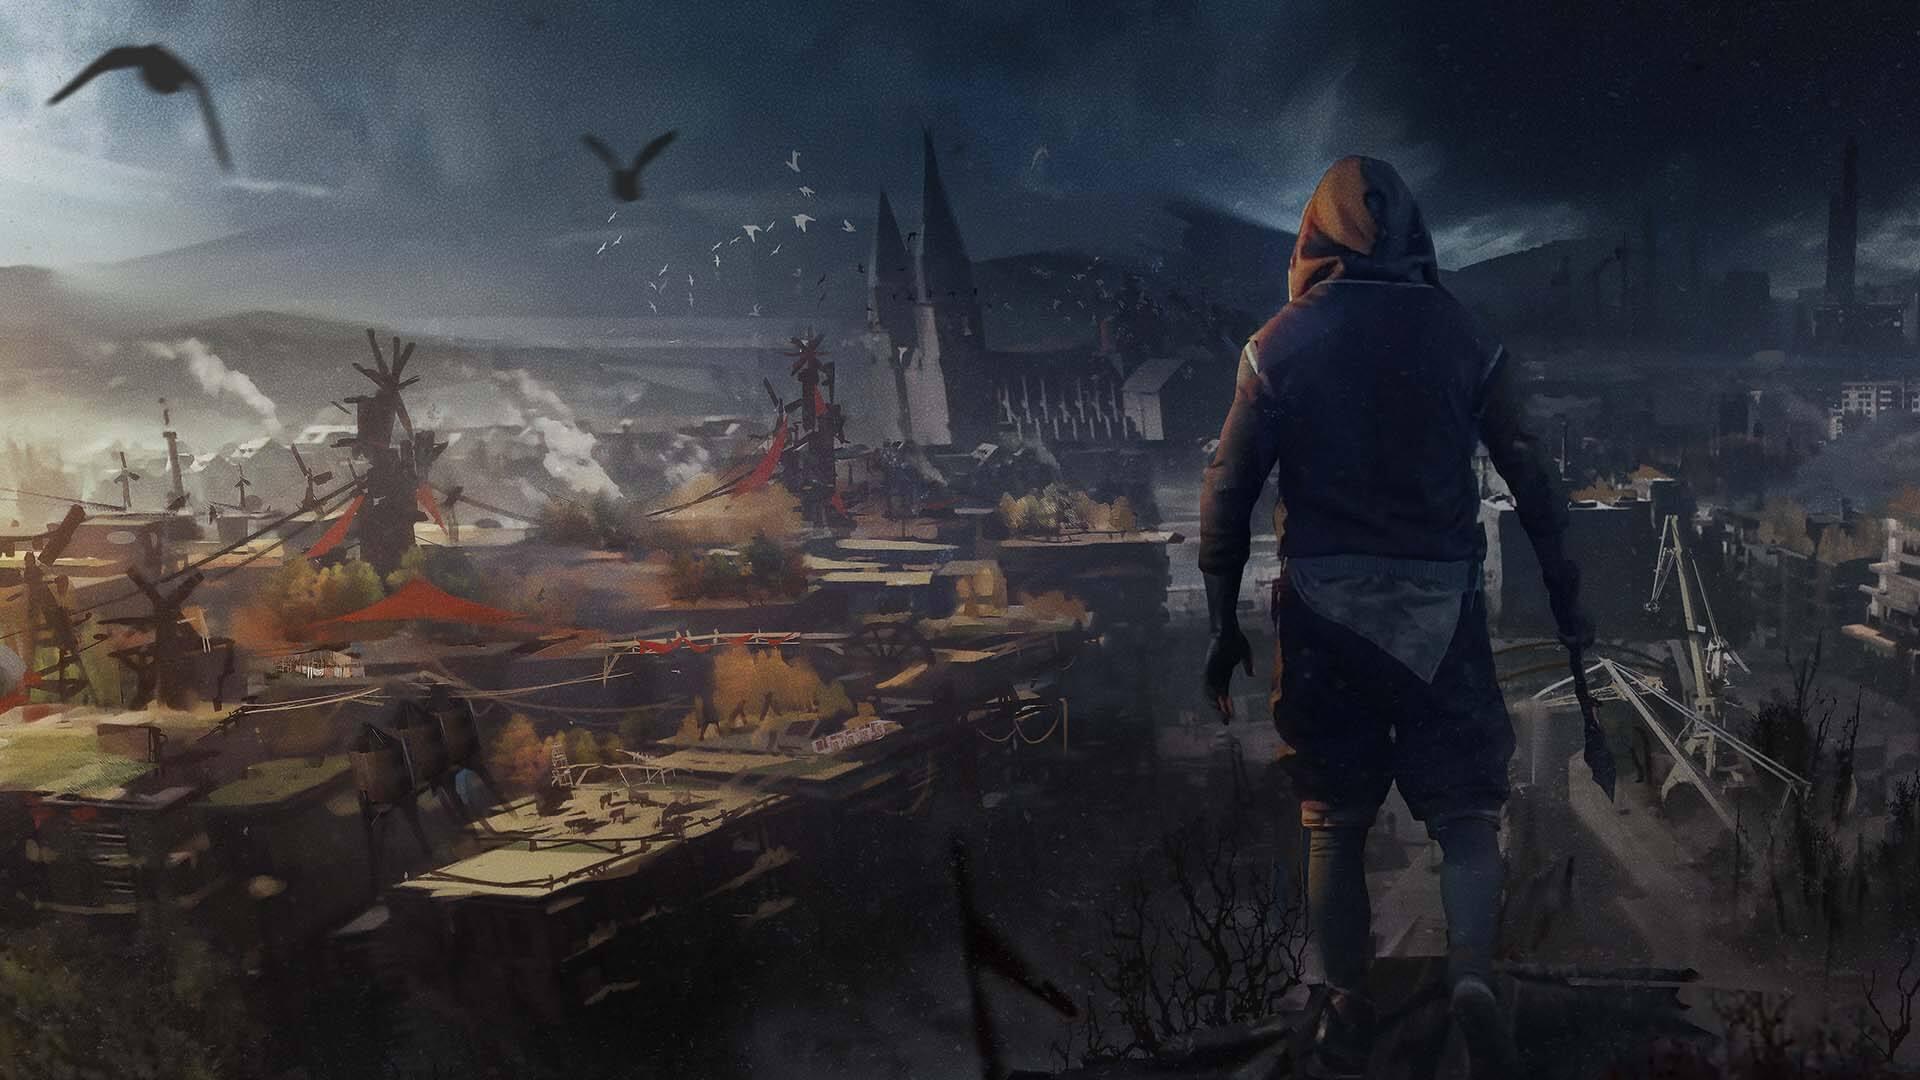 La City di Dying Light 2 sta lentamente morendo sotto i nostri occhi.